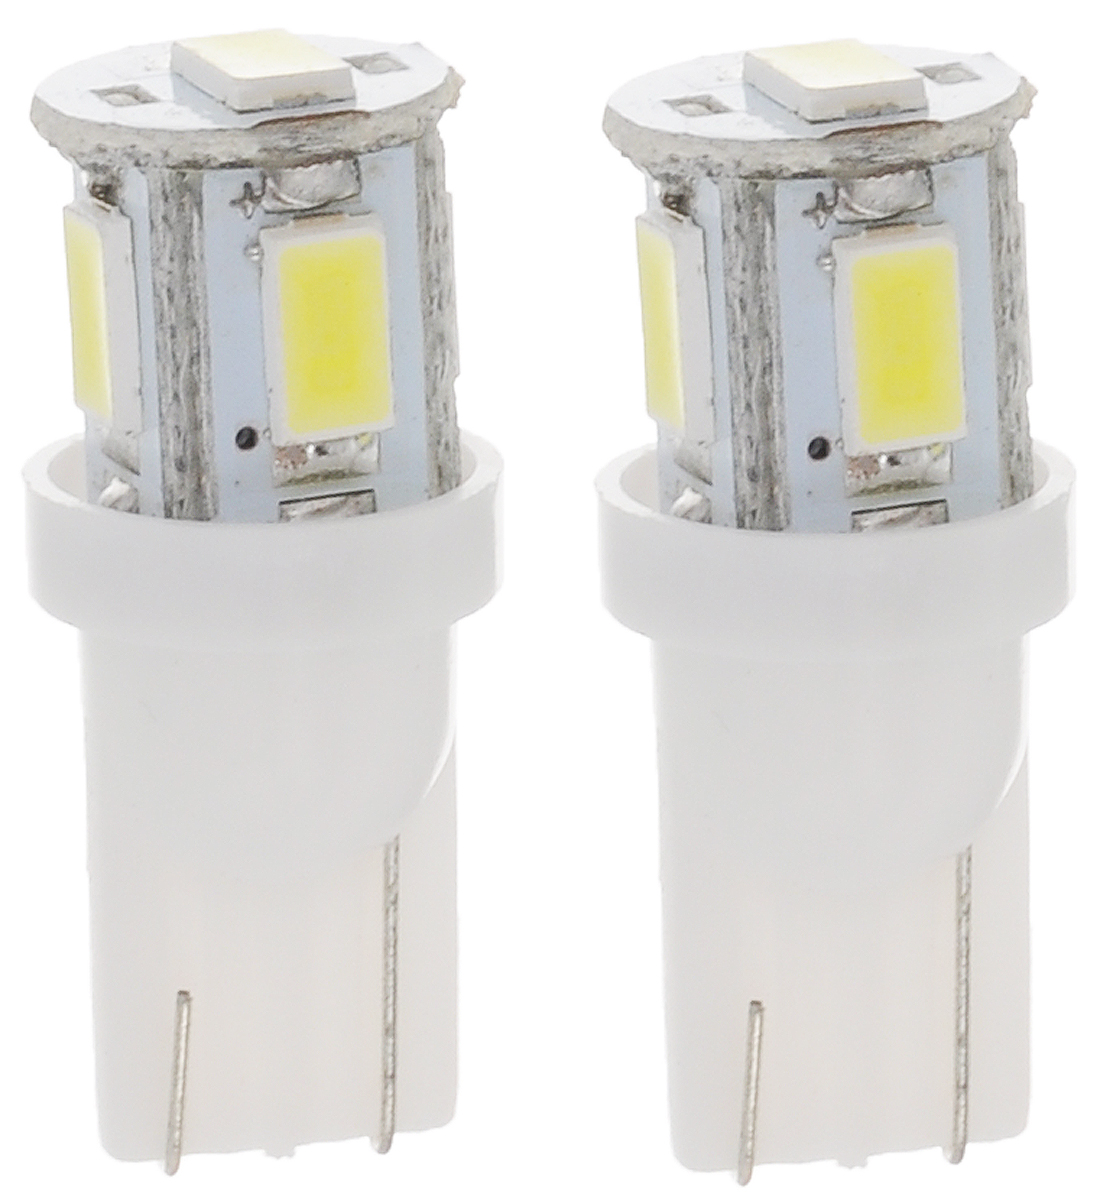 Лампа автомобильная Skyway, светодиодная, цоколь T10 (W5W), 12Вт, 2 шт лампа светодиодная skyway st10 1ledb вогнутая w блистер 2шт